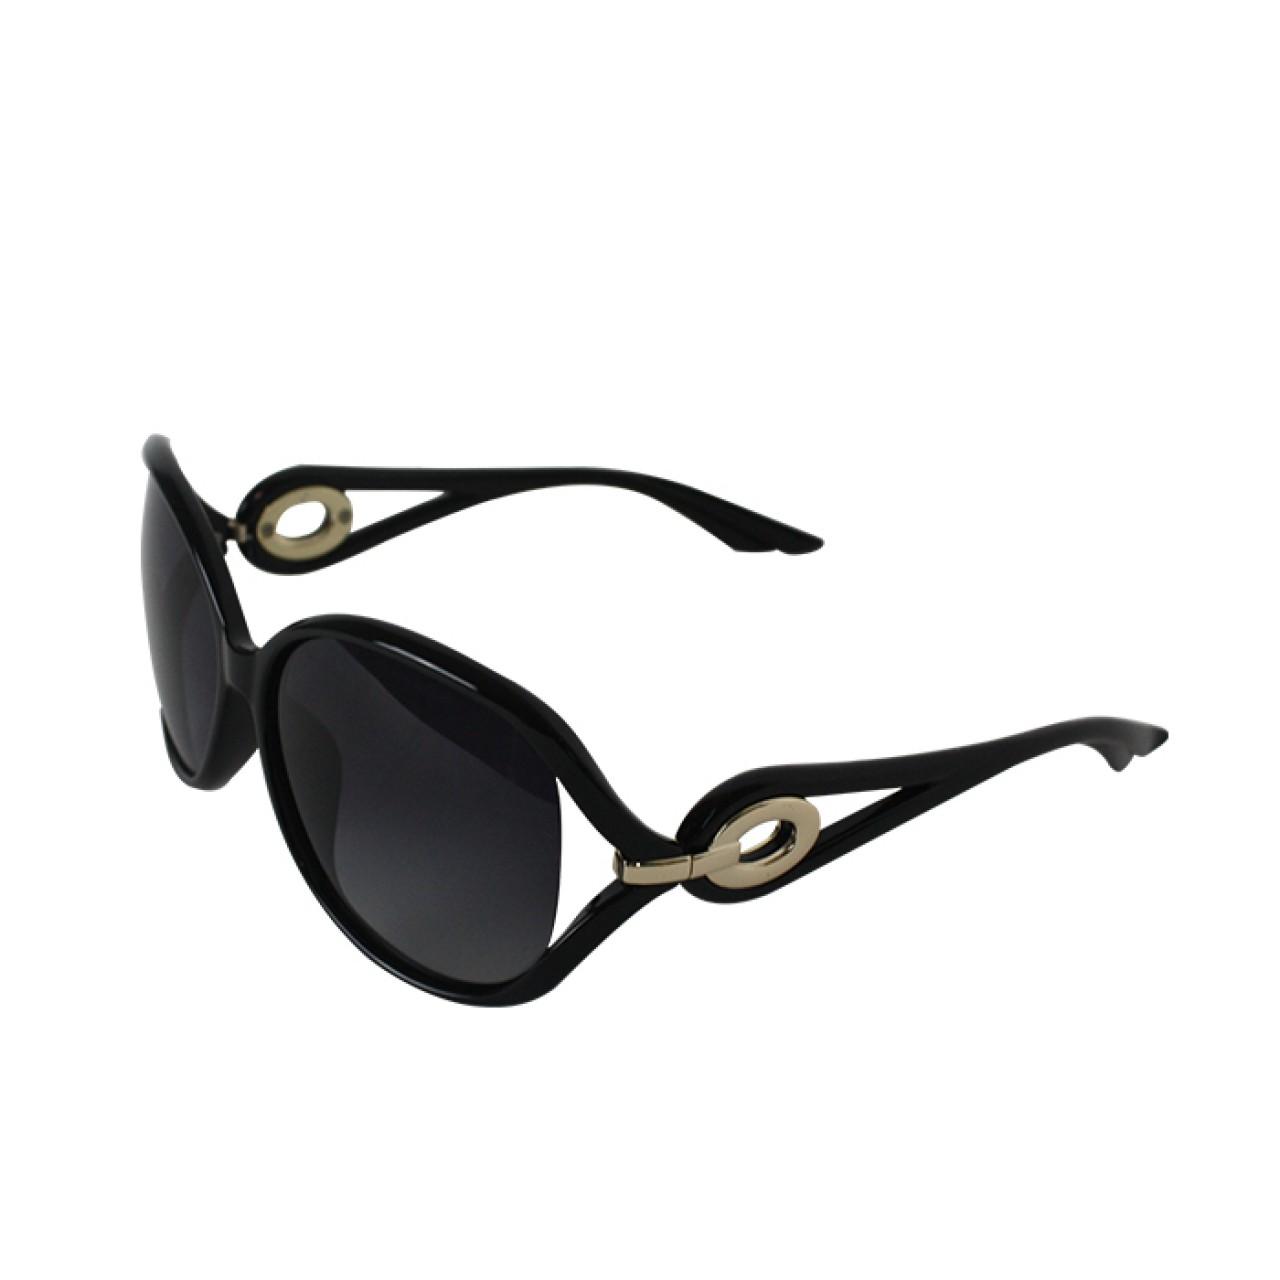 Women's Polarized Black Cat-eye Designer Sunglasses